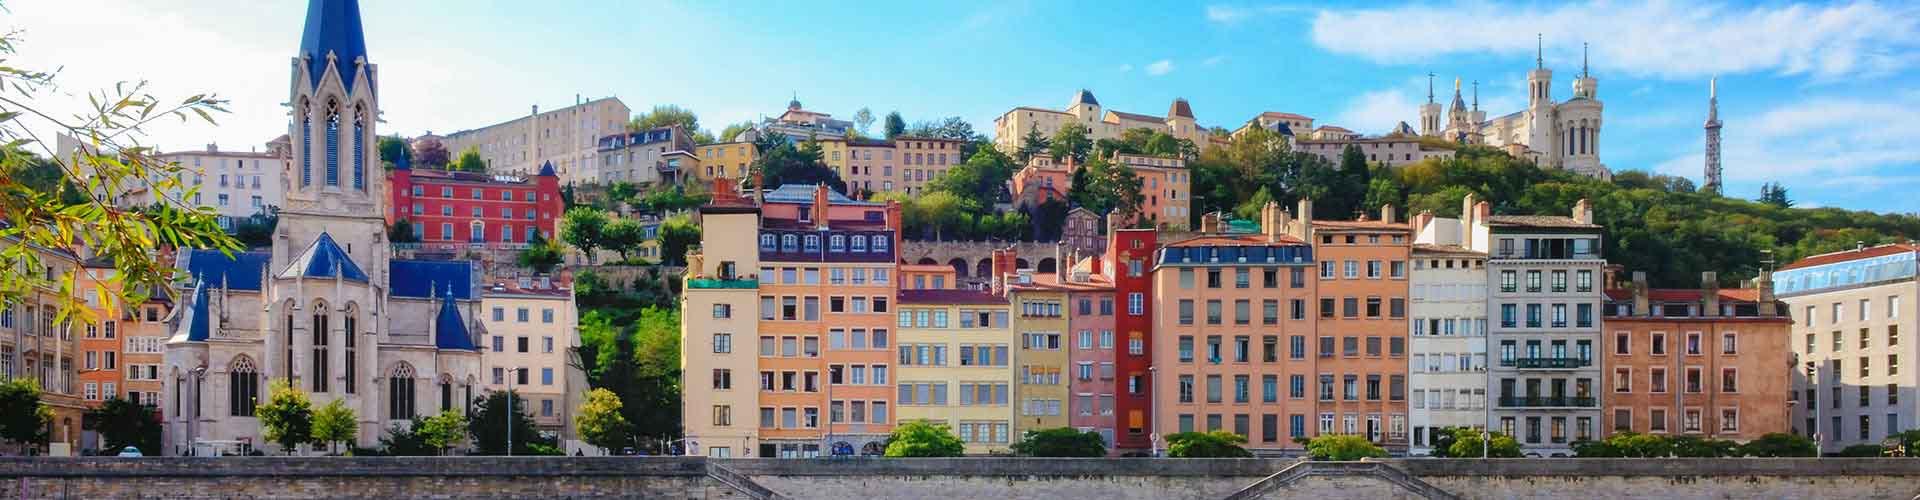 里昂 – 里昂派哈什火车附近的青年旅舍。里昂地图,里昂每家青年旅舍的照片和评价。